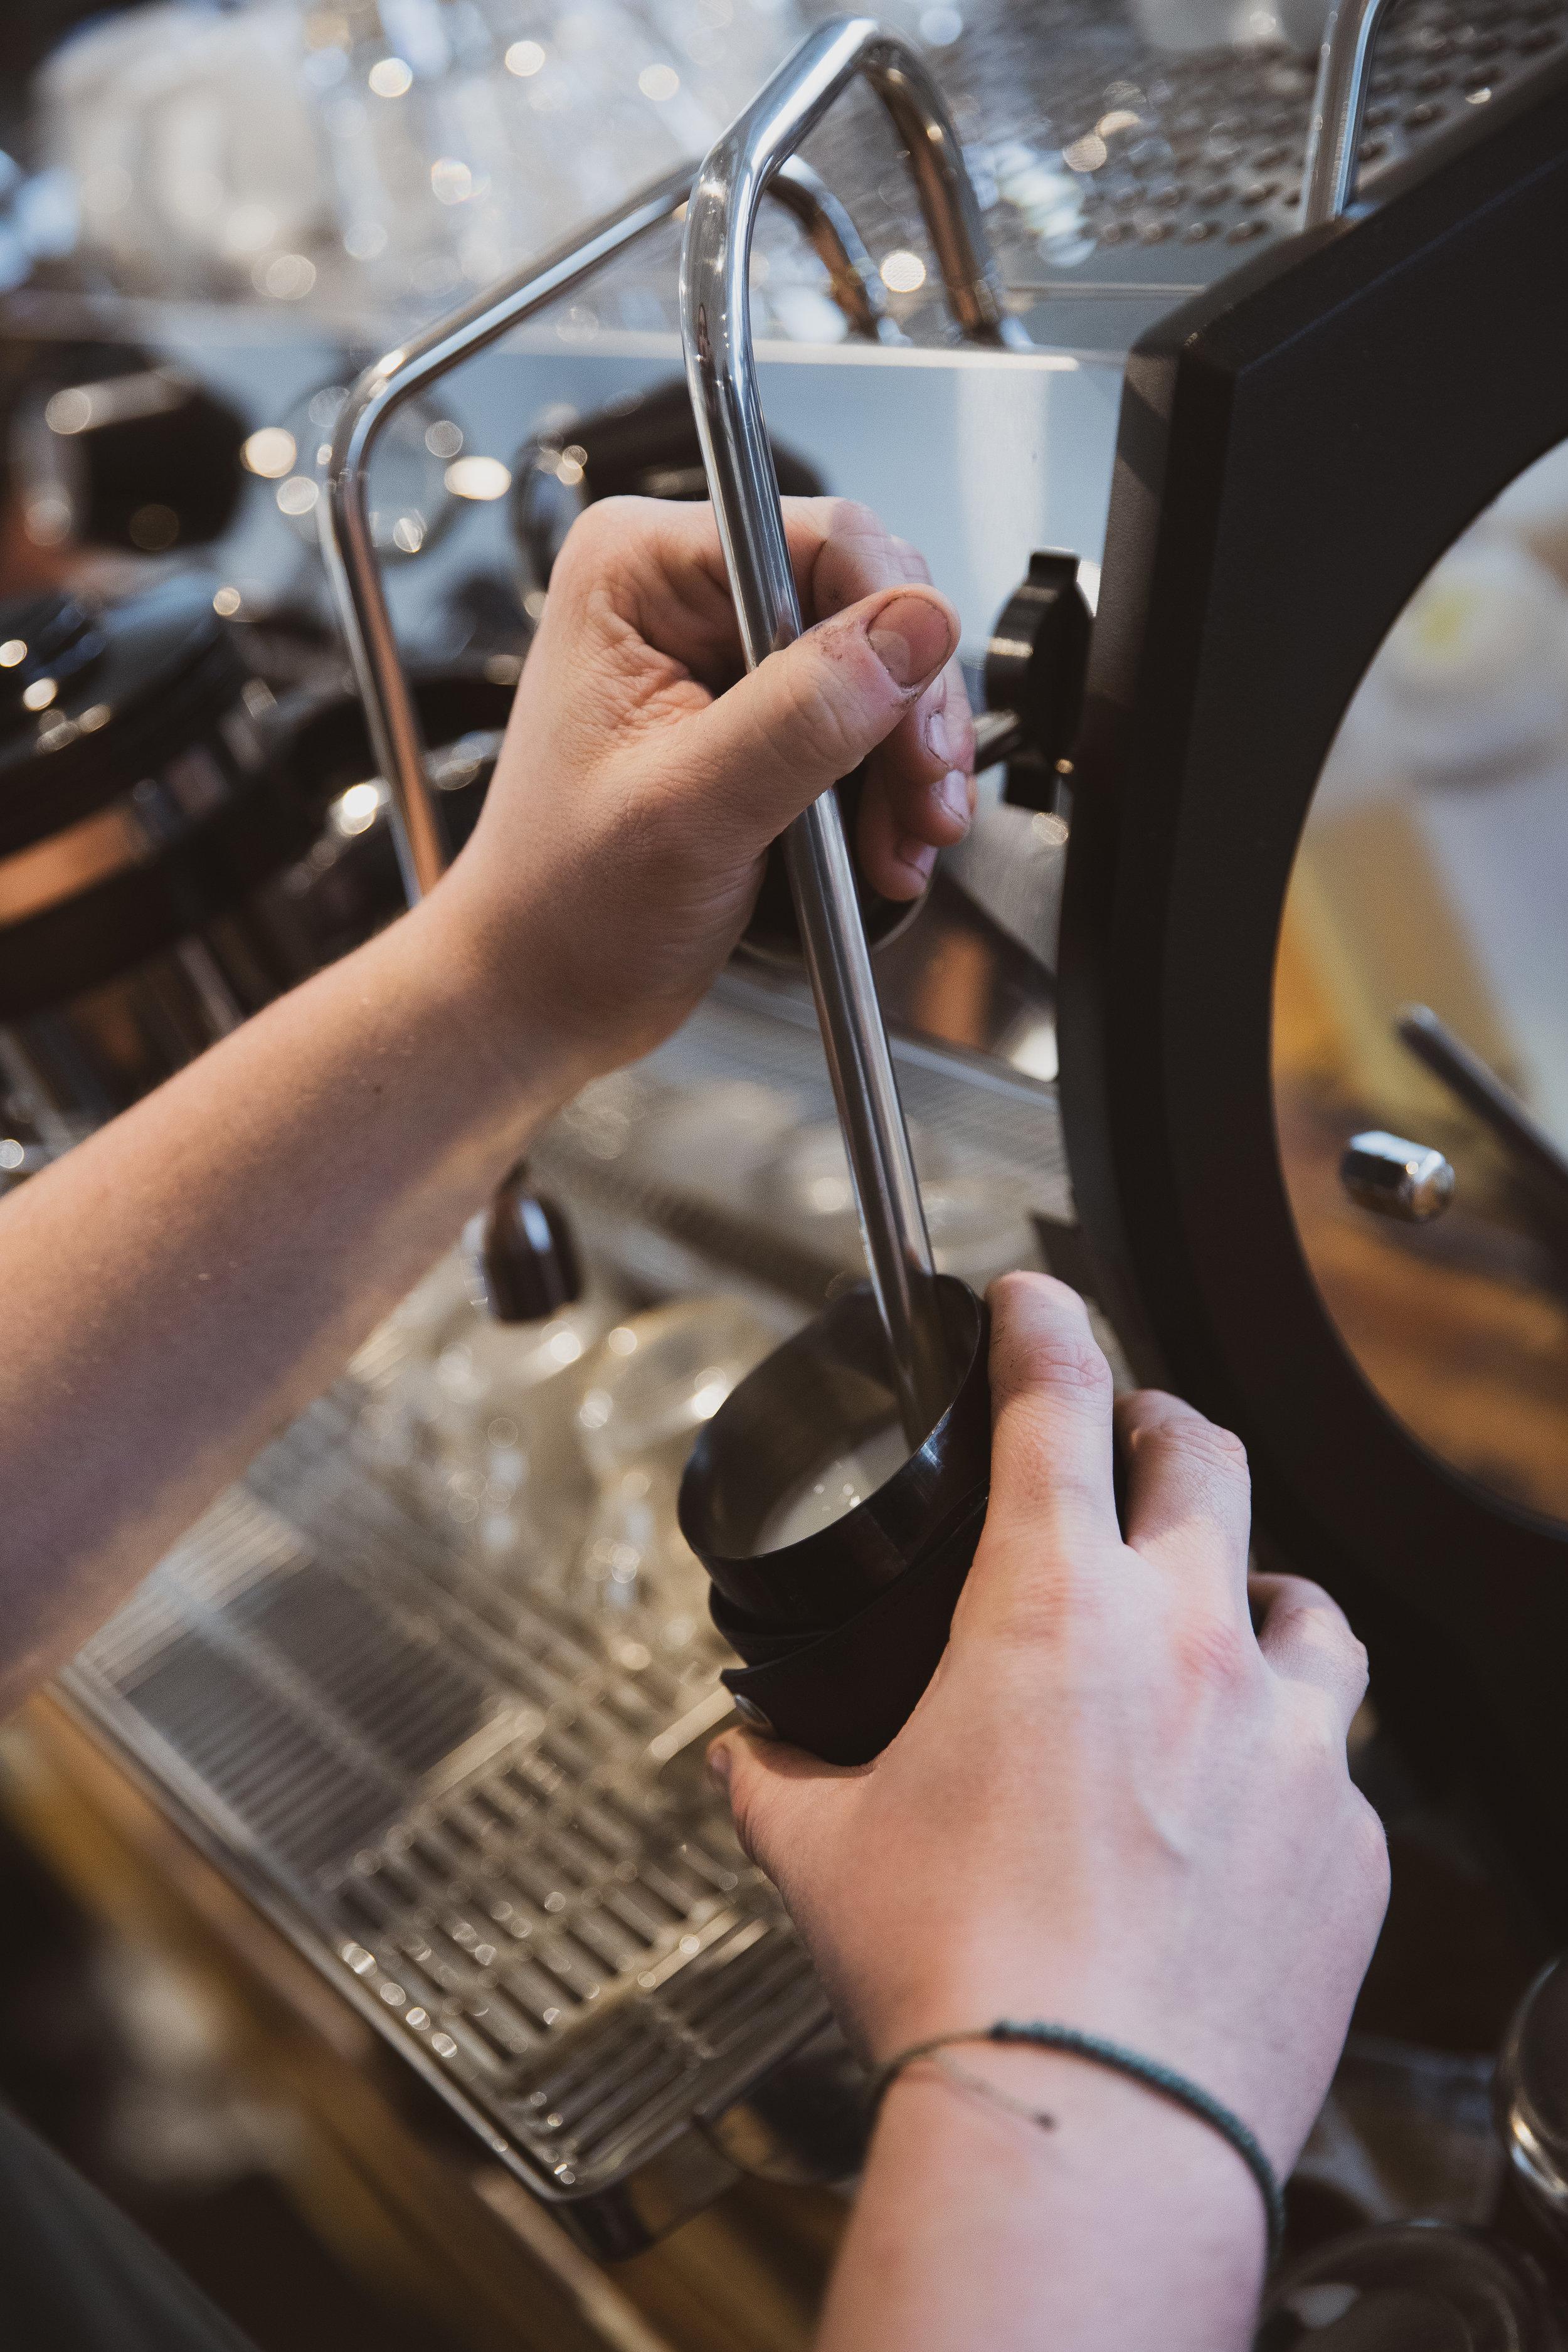 coffeeshop-photography-9I0614.jpg